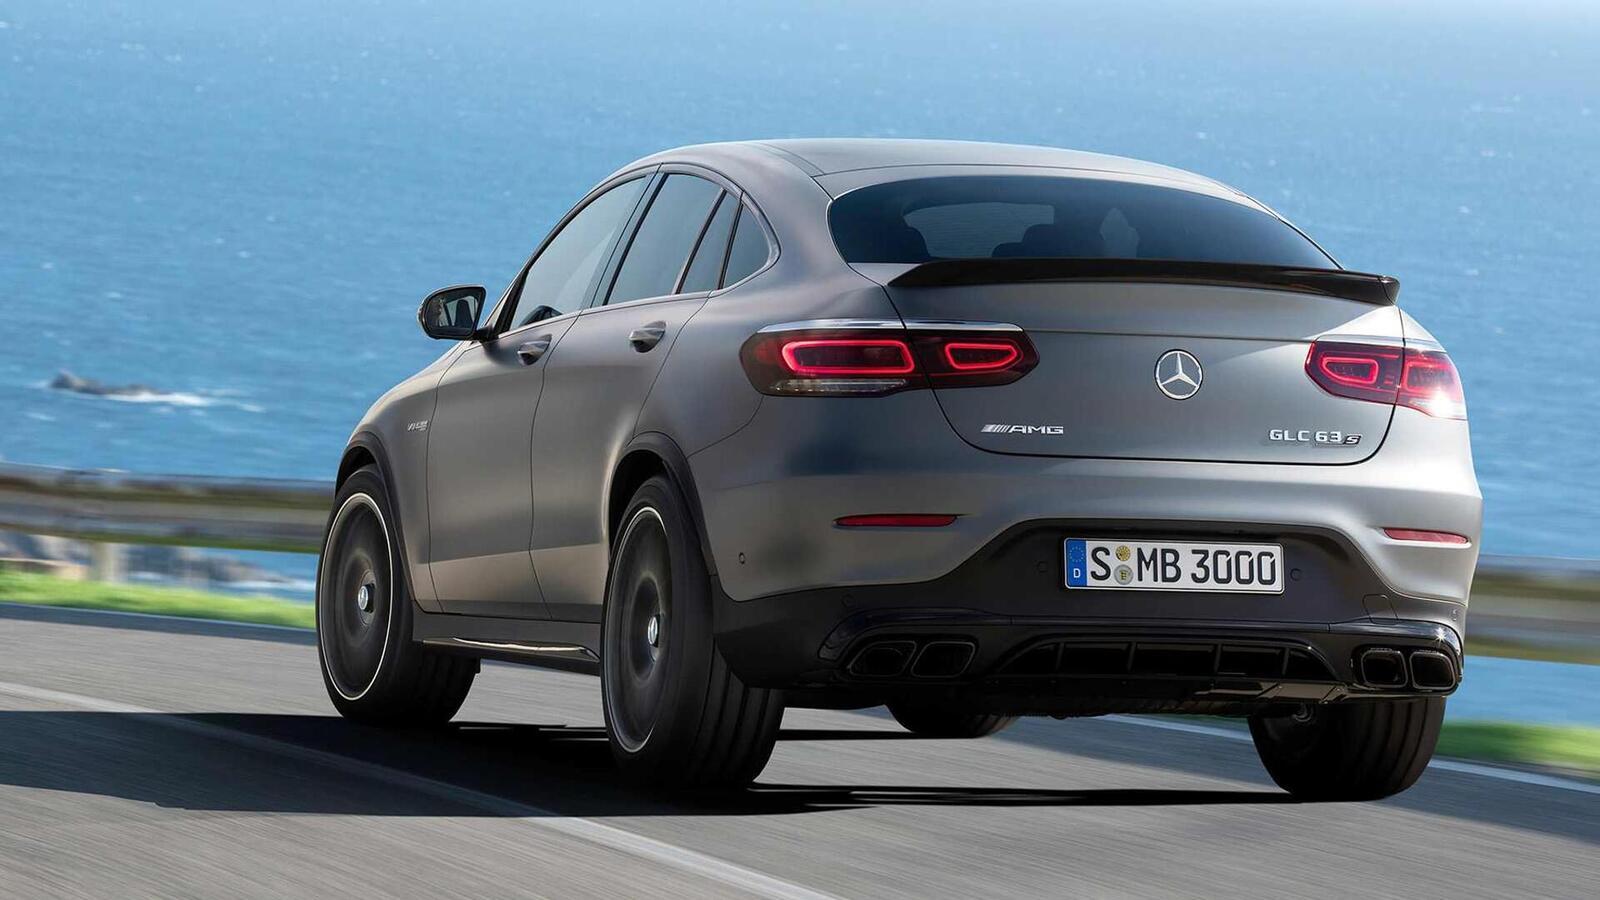 Mercedes-AMG giới thiệu GLC và GLC Coupe 63 mới lắp động cơ V8 4.0L Biturbo mạnh hơn 460 mã lực - Hình 22